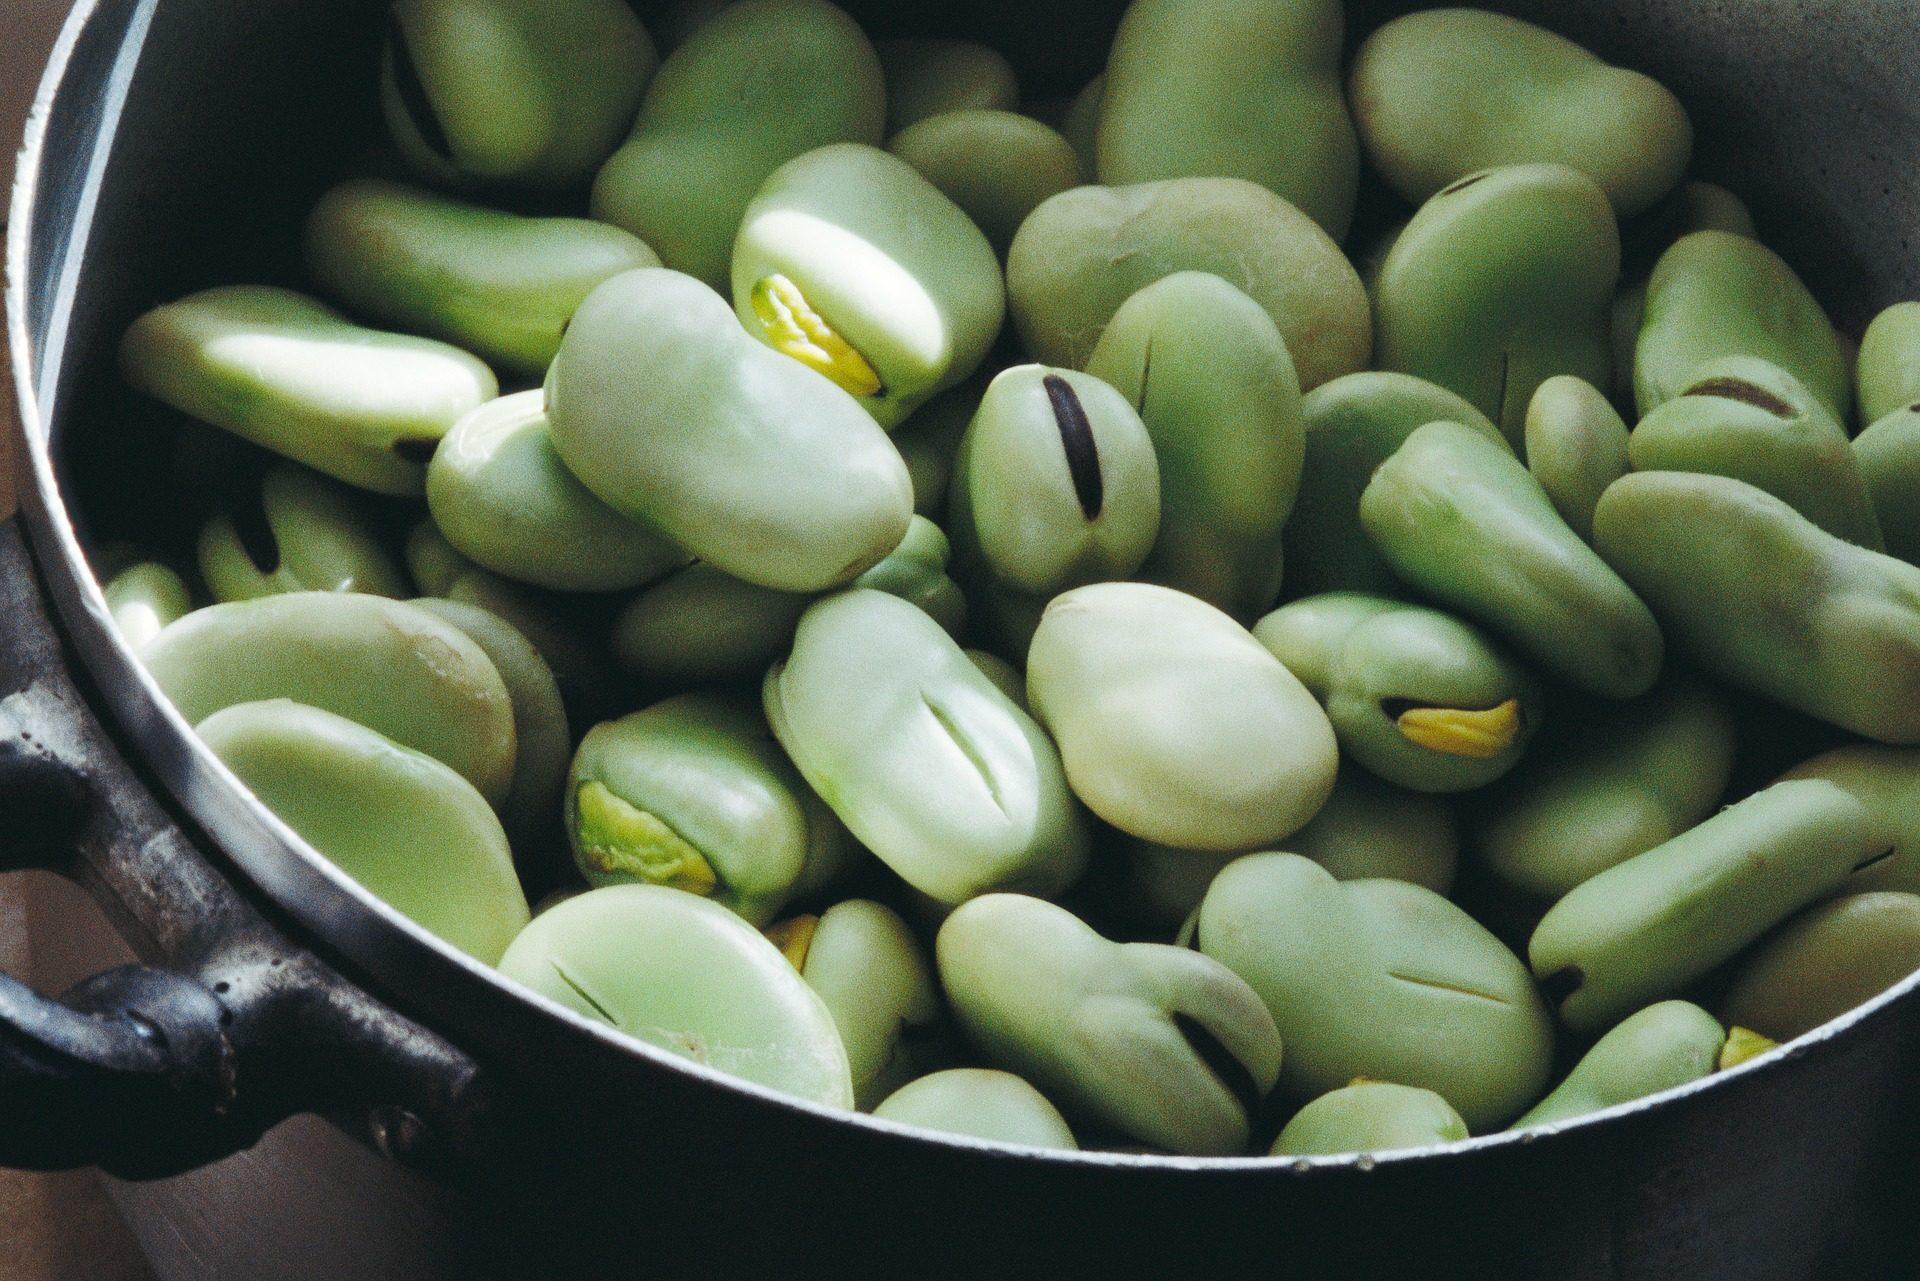 豆, 野菜, ダイエット, ビーガン, 有機 - HD の壁紙 - 教授-falken.com